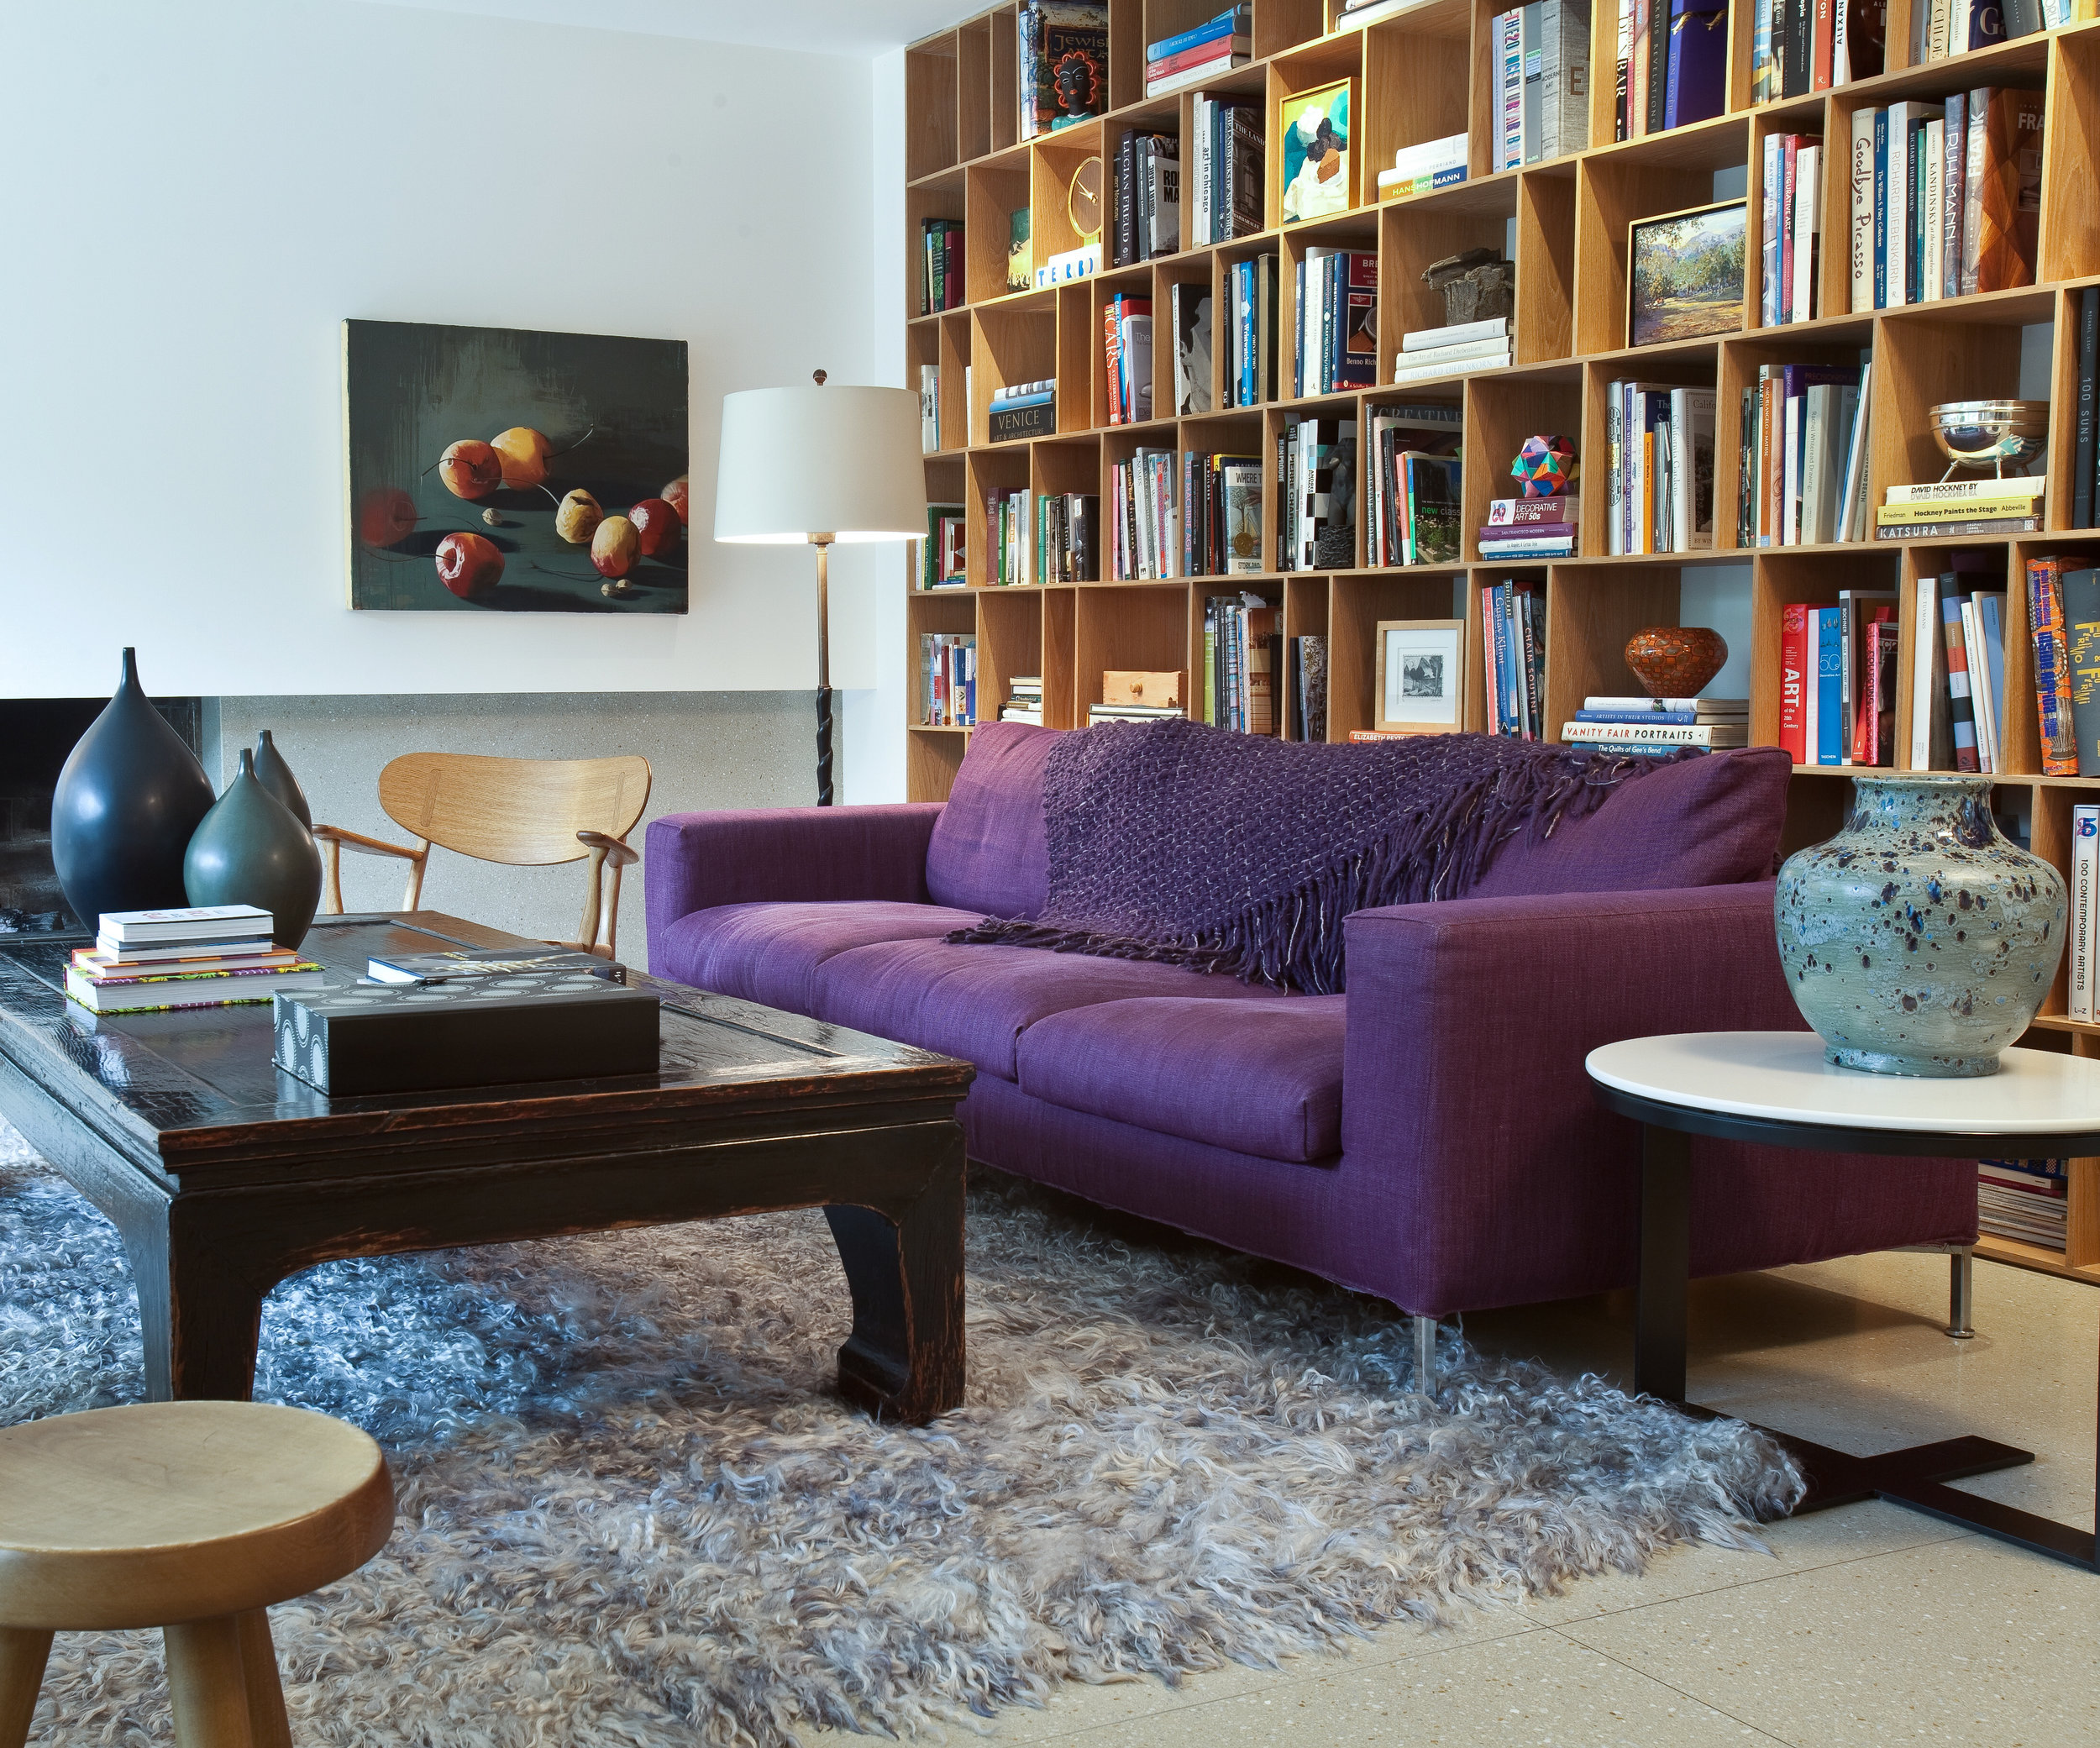 Brentwood_living_room.jpg